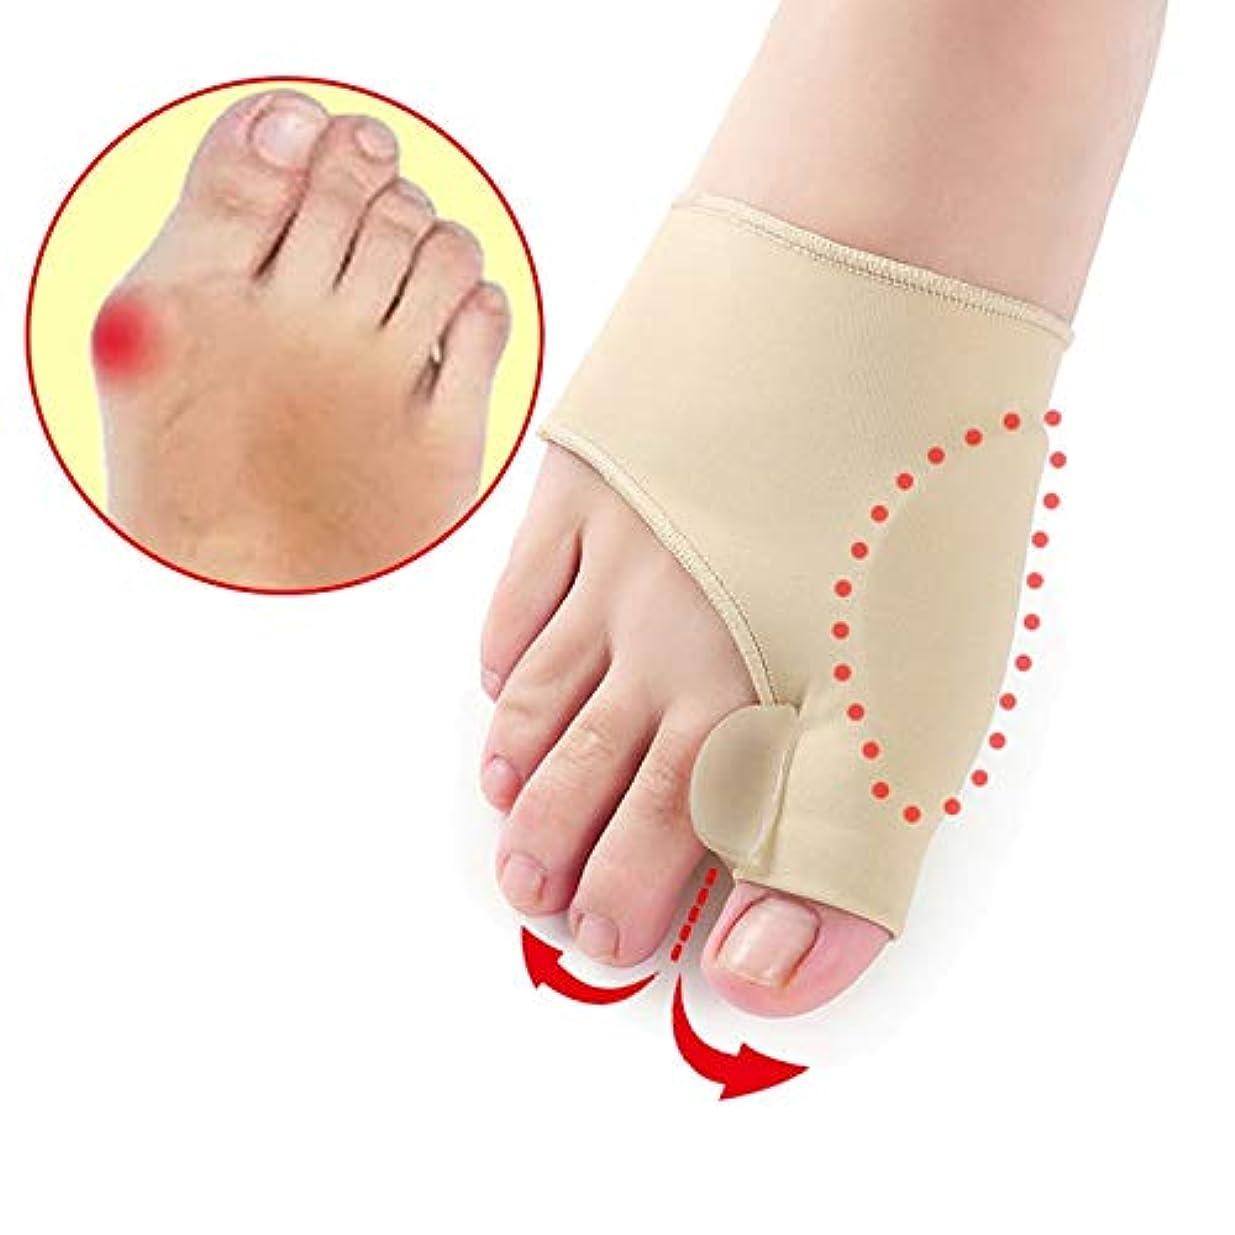 最大限アカウントで2ピース= 1ペアつま先セパレーター外反母趾腱膜矯正器足の骨親指アジャスター補正ペディキュアソックスストレイテナー 整形外科の 2Pcs=1Pair Toe Separator Hallux Valgus Bunion Corrector Orthotics Feet Bone Thumb Adjuster Correction Pedicure Sock Straightener Orthopedic